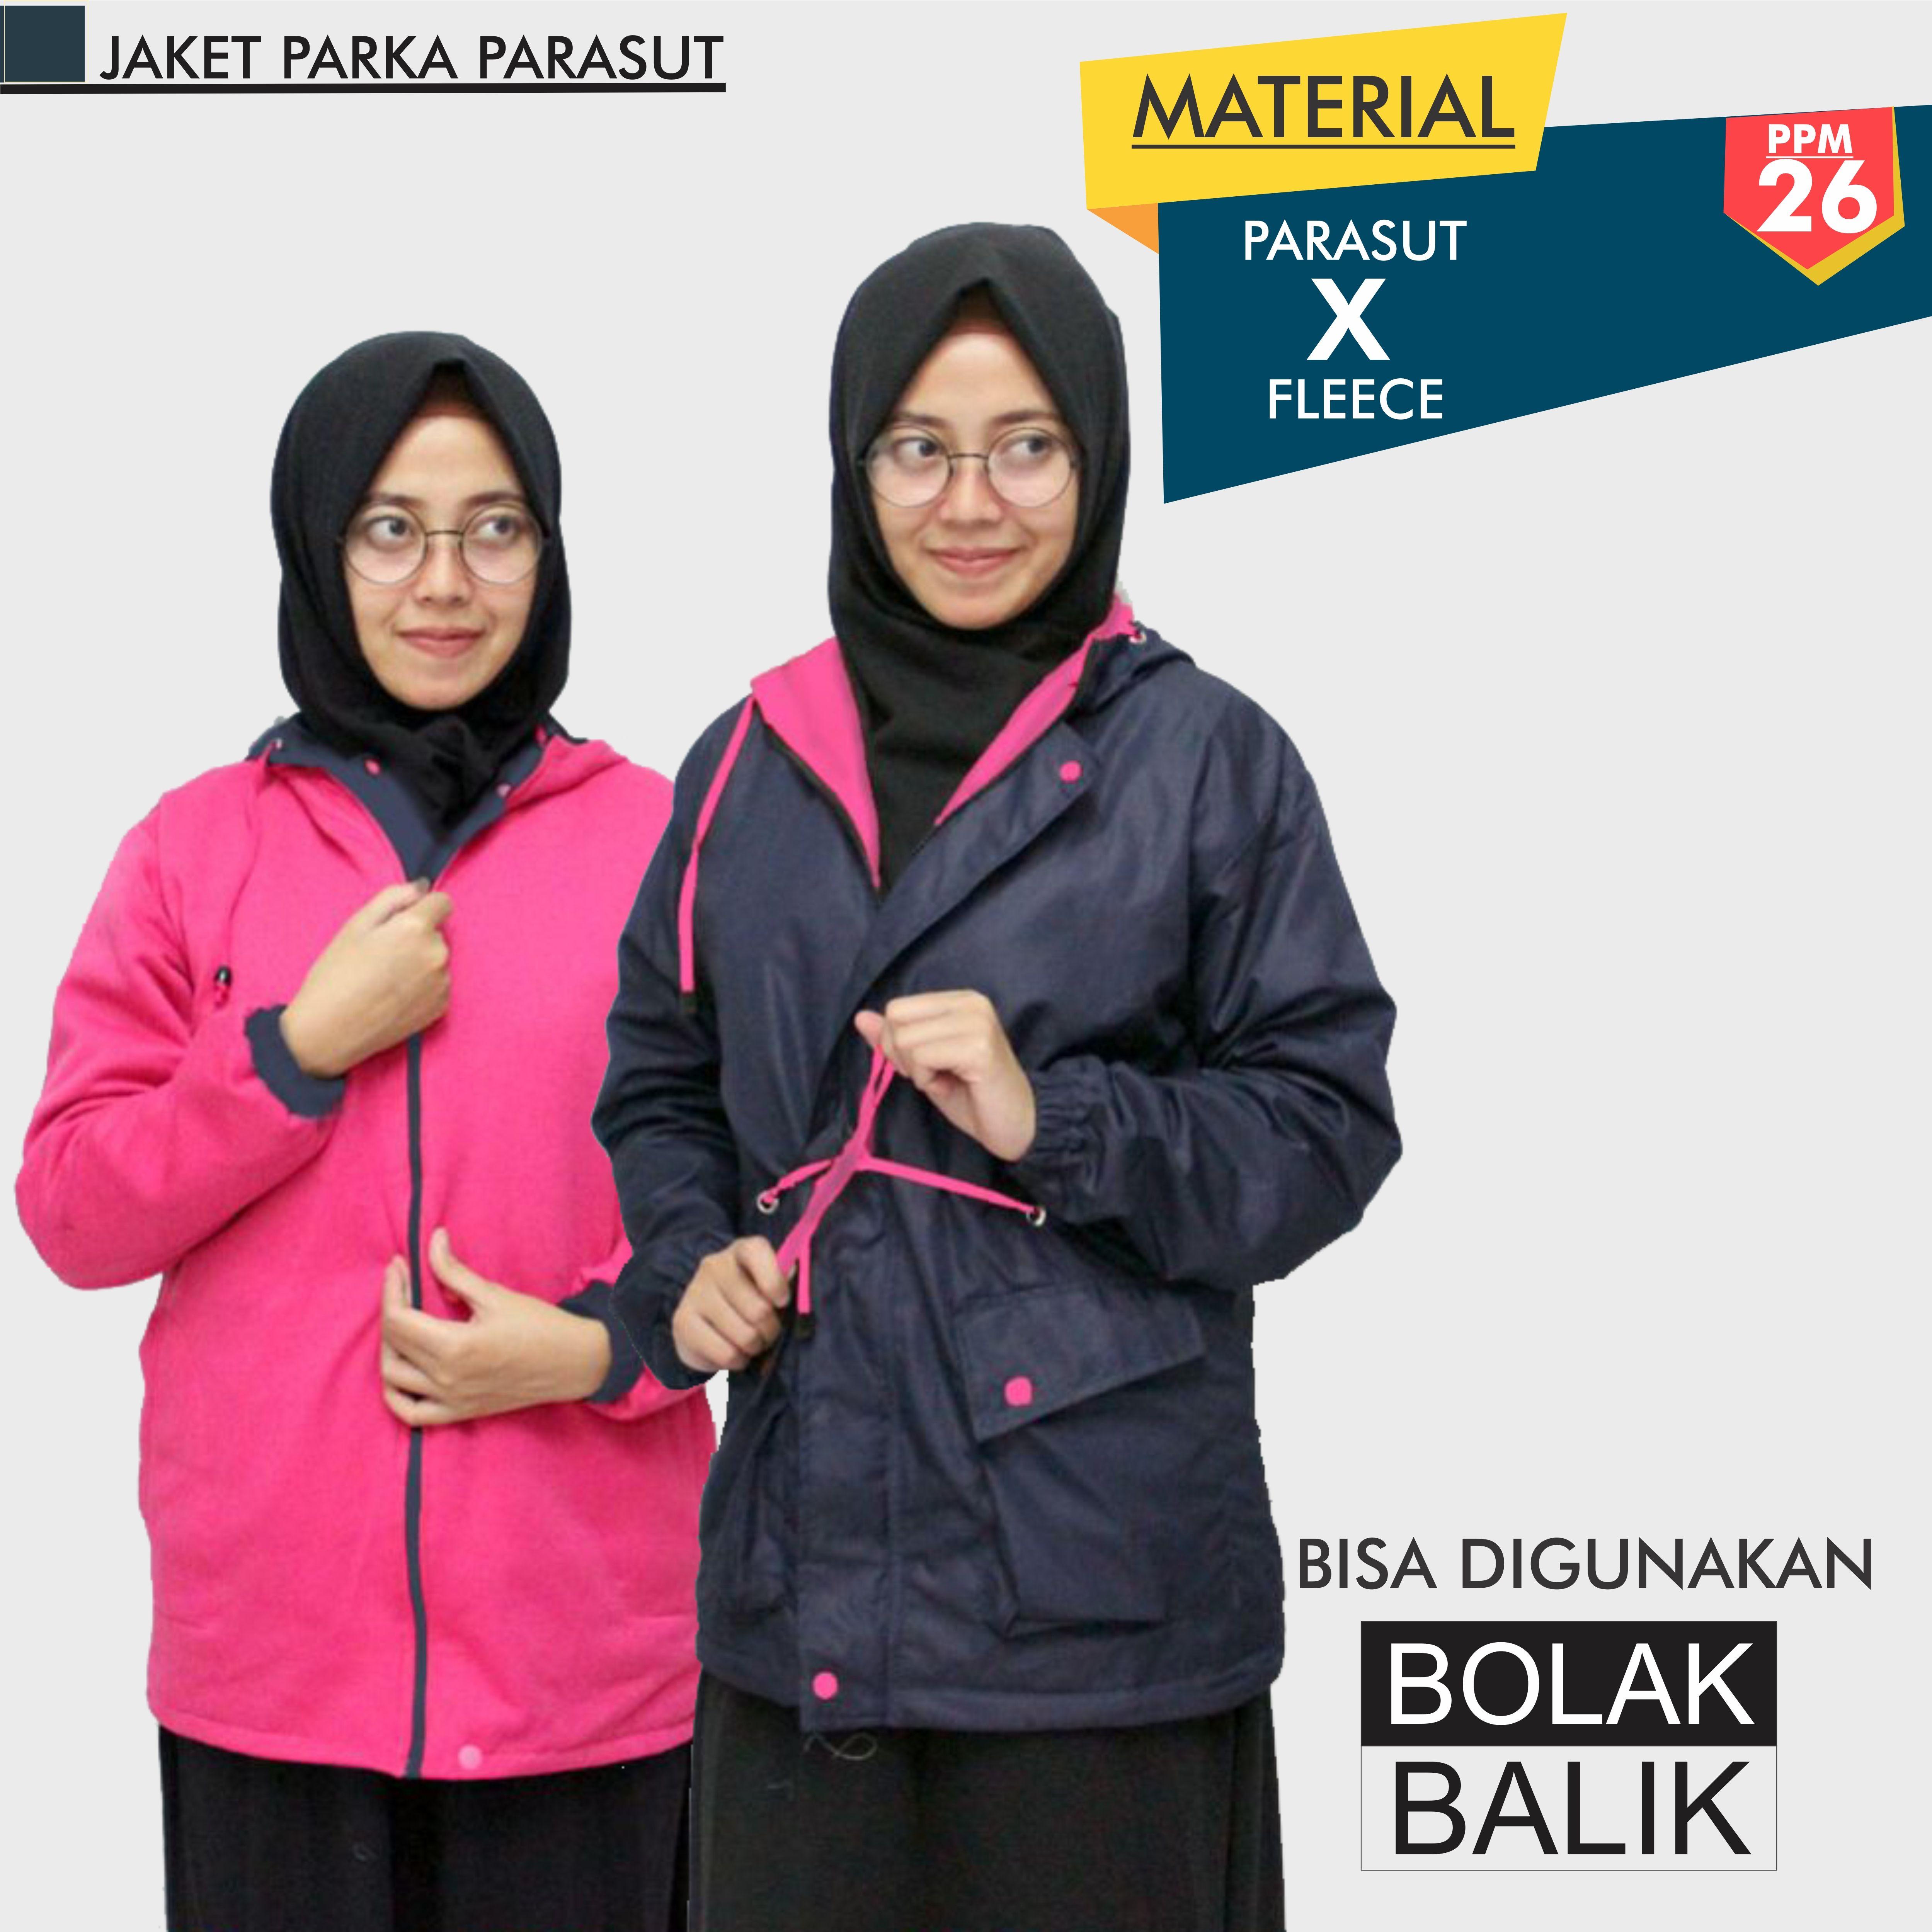 Jaket Parka Bisa Dipakai Bolak Balik Pink Update Daftar Harga Janet Ols Cewek 0811 3965 432 Konveksi Siap Kirim Ke Ampenan Kota Mataram